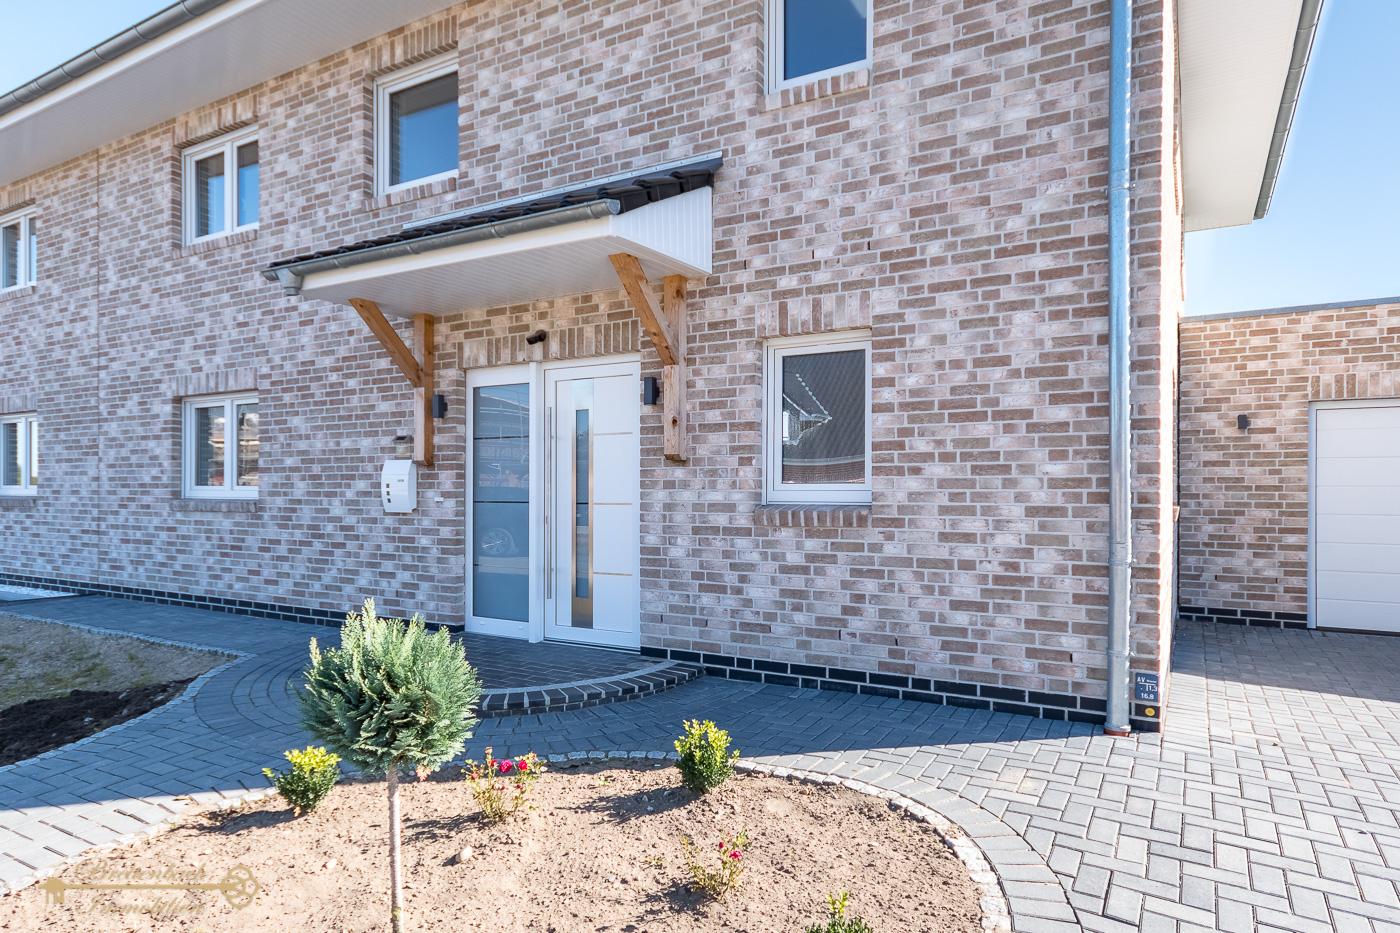 2019-09-21-Breitenbach-Immobilien-3